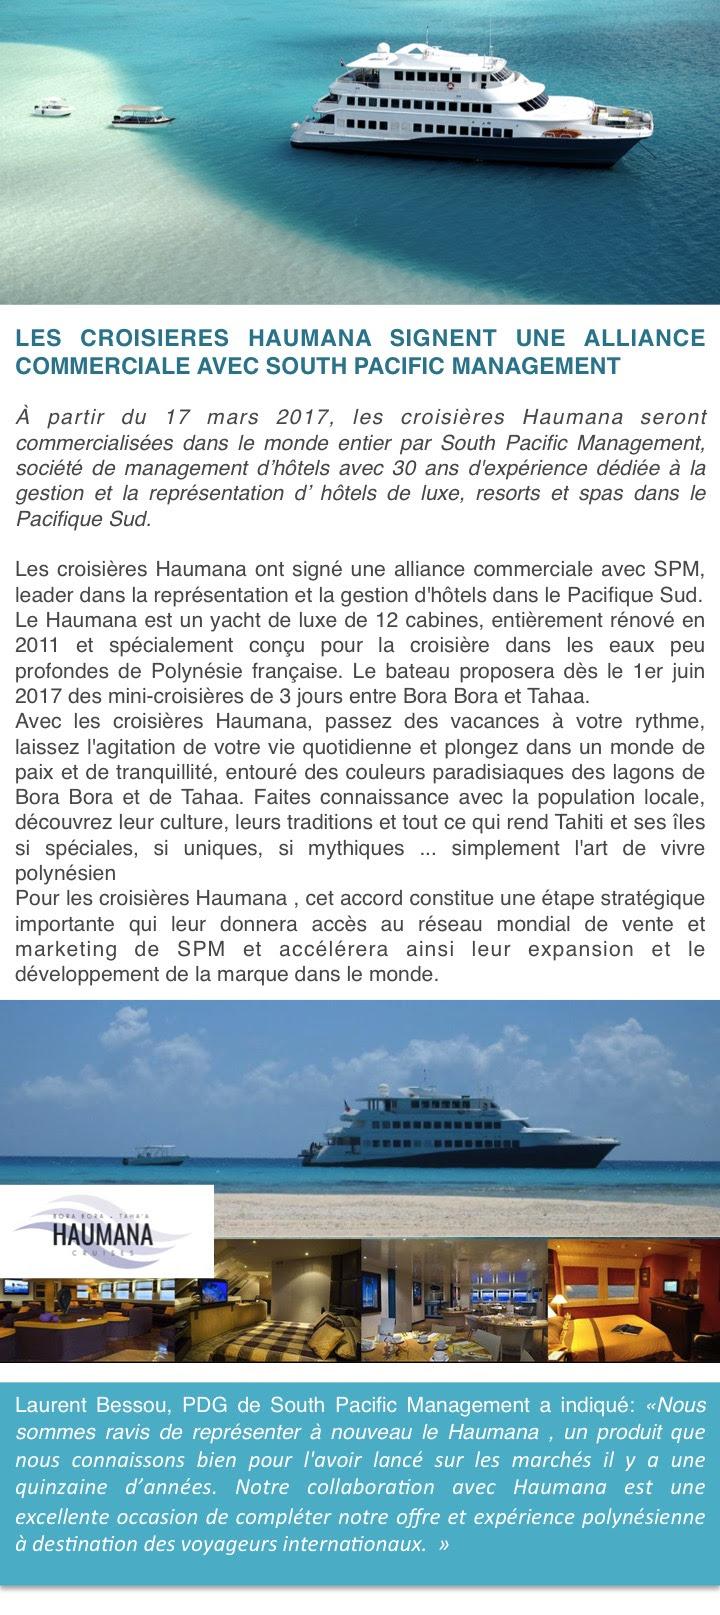 Les croisières Haumana vendues à travers le monde